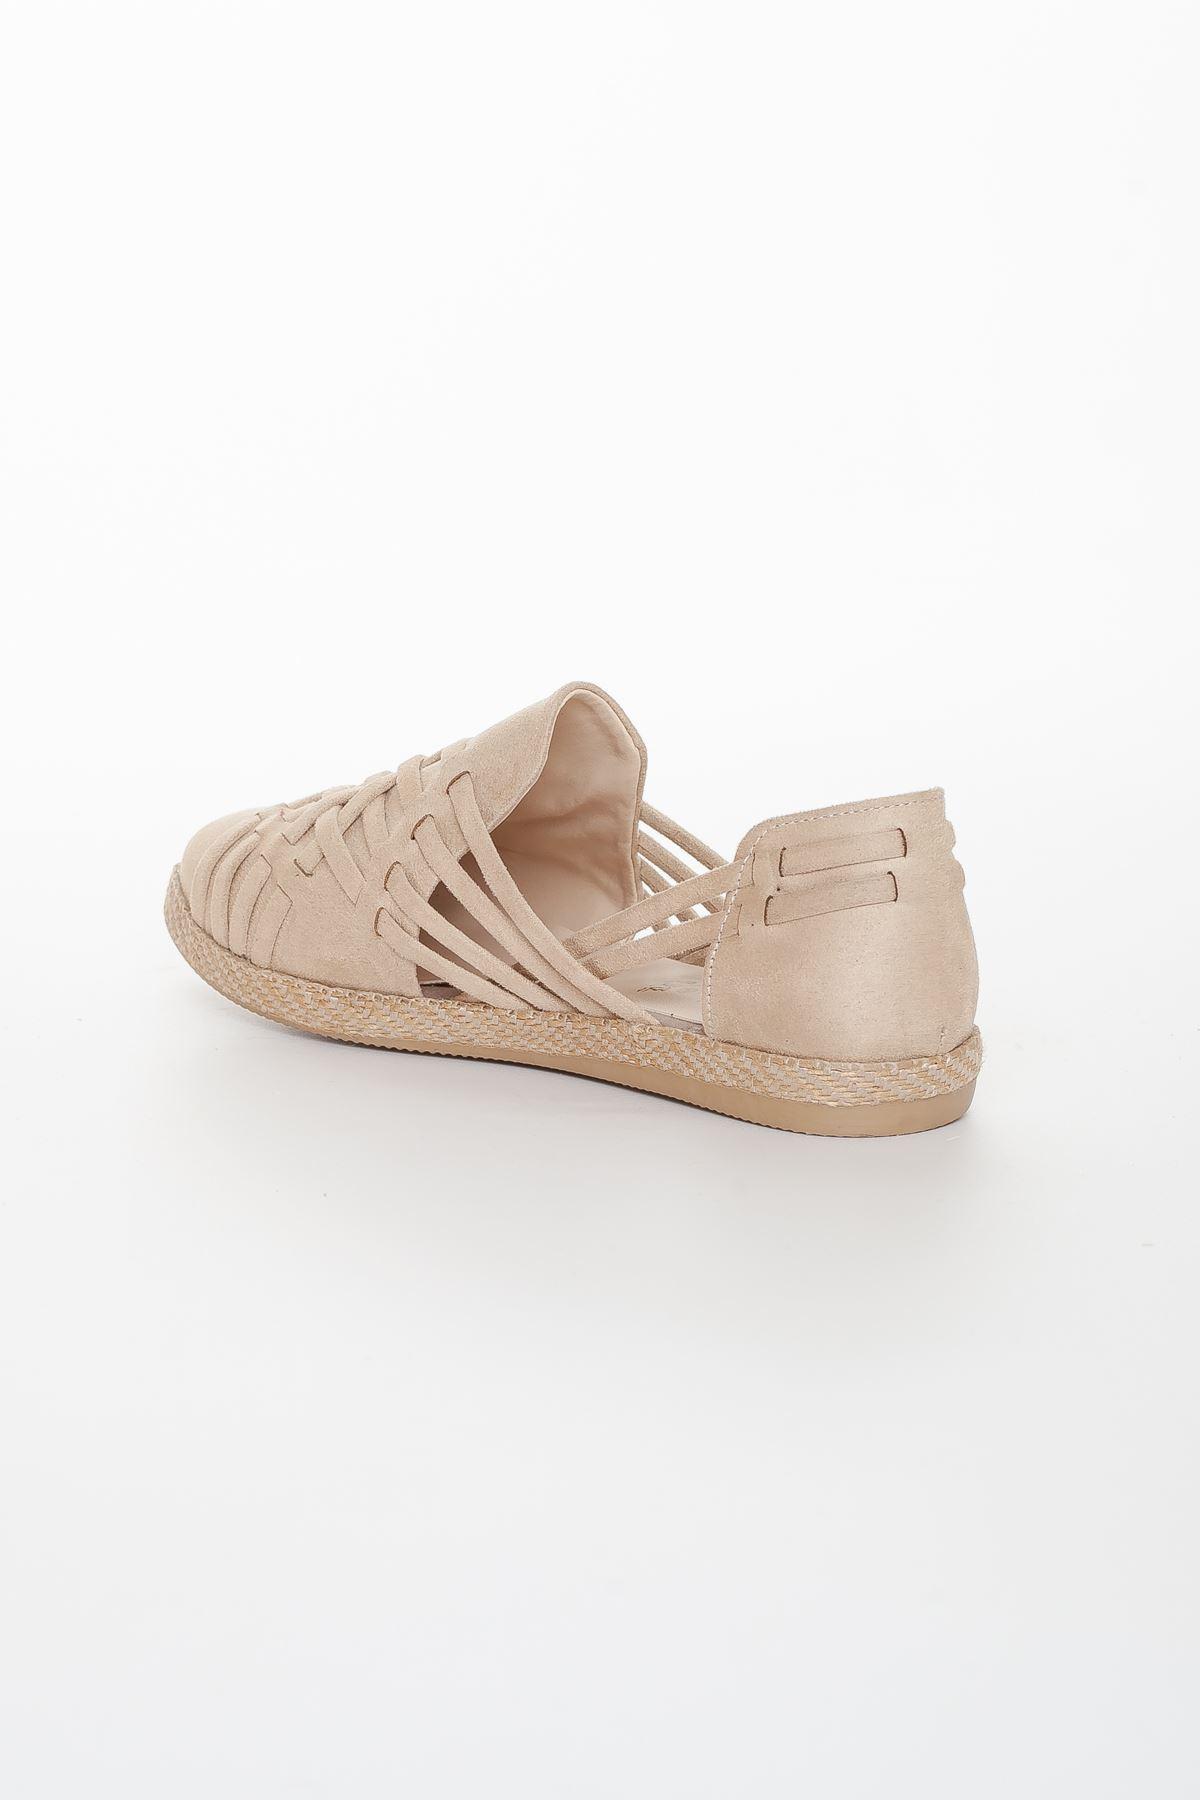 Kayra Babet Ayakkabı BEJ